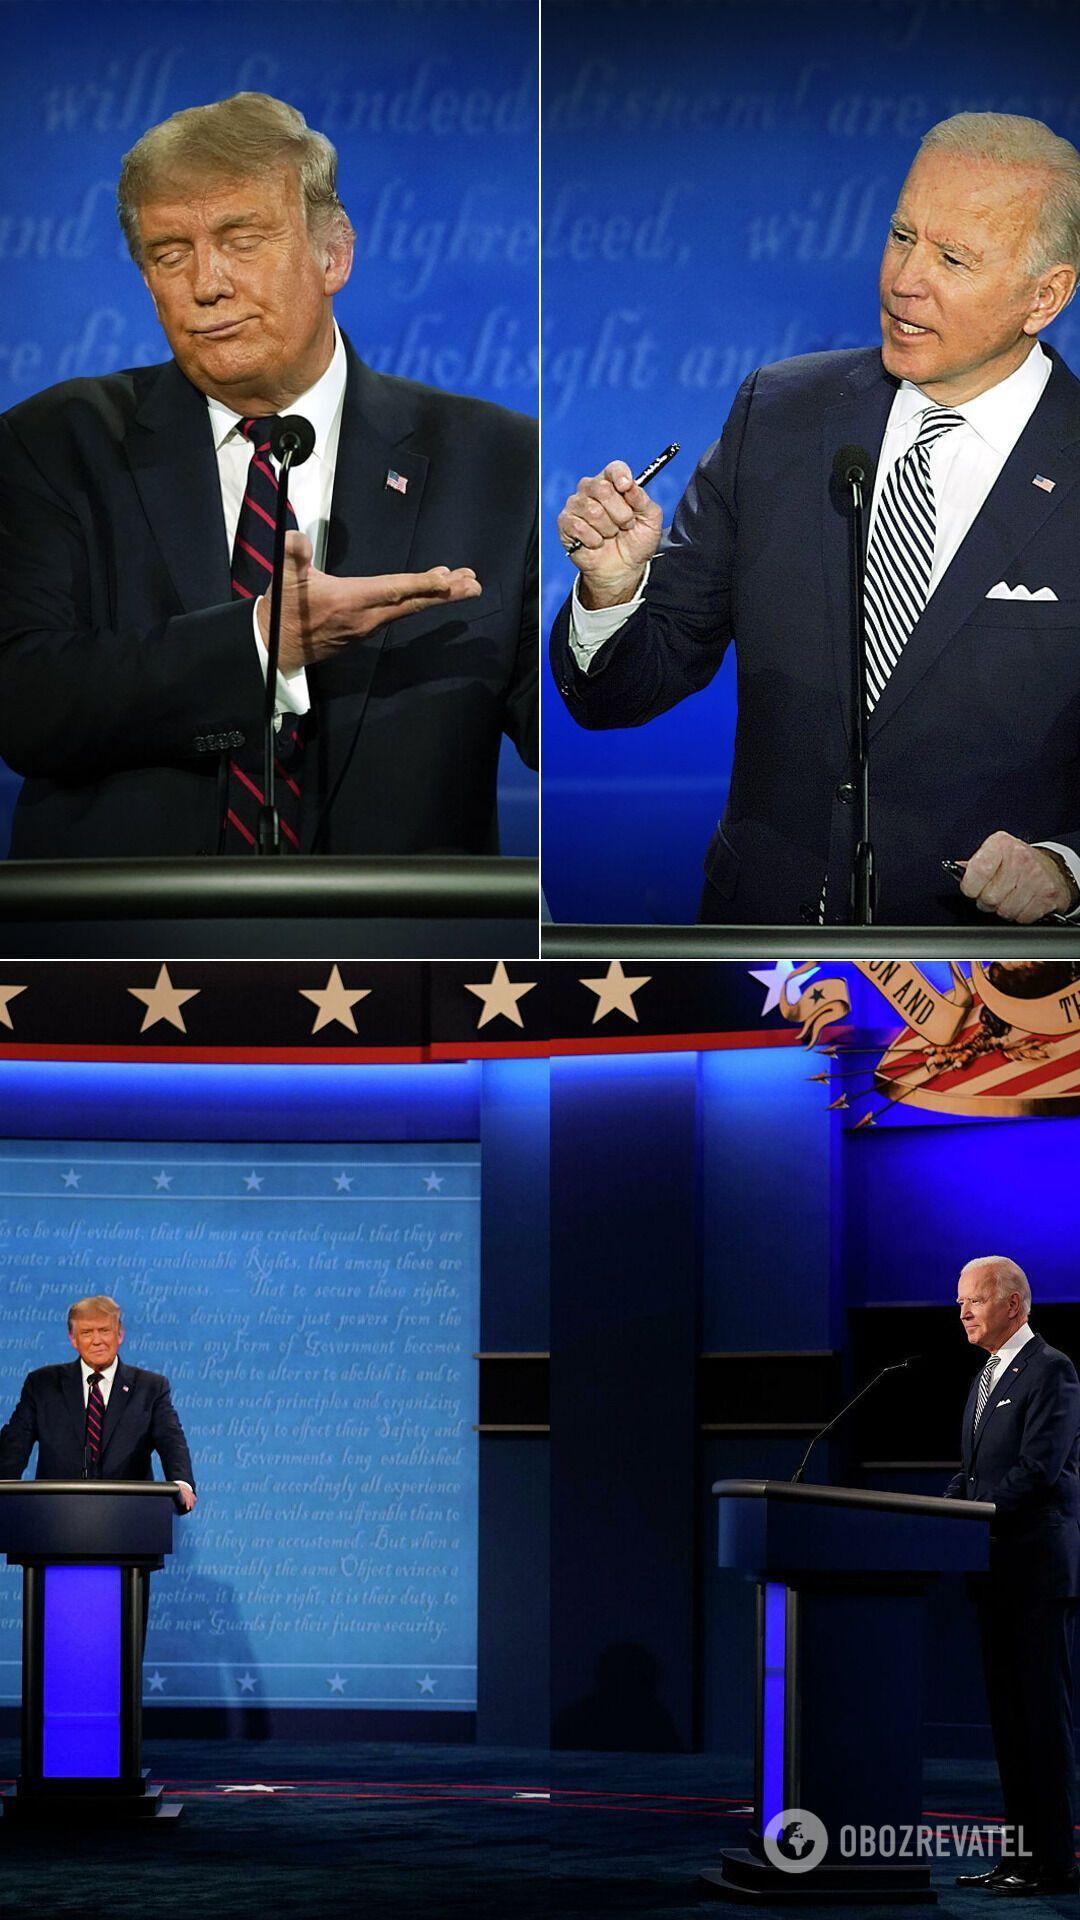 Дебаты Трампа и Байдена перед выборами президента США в 2020-м